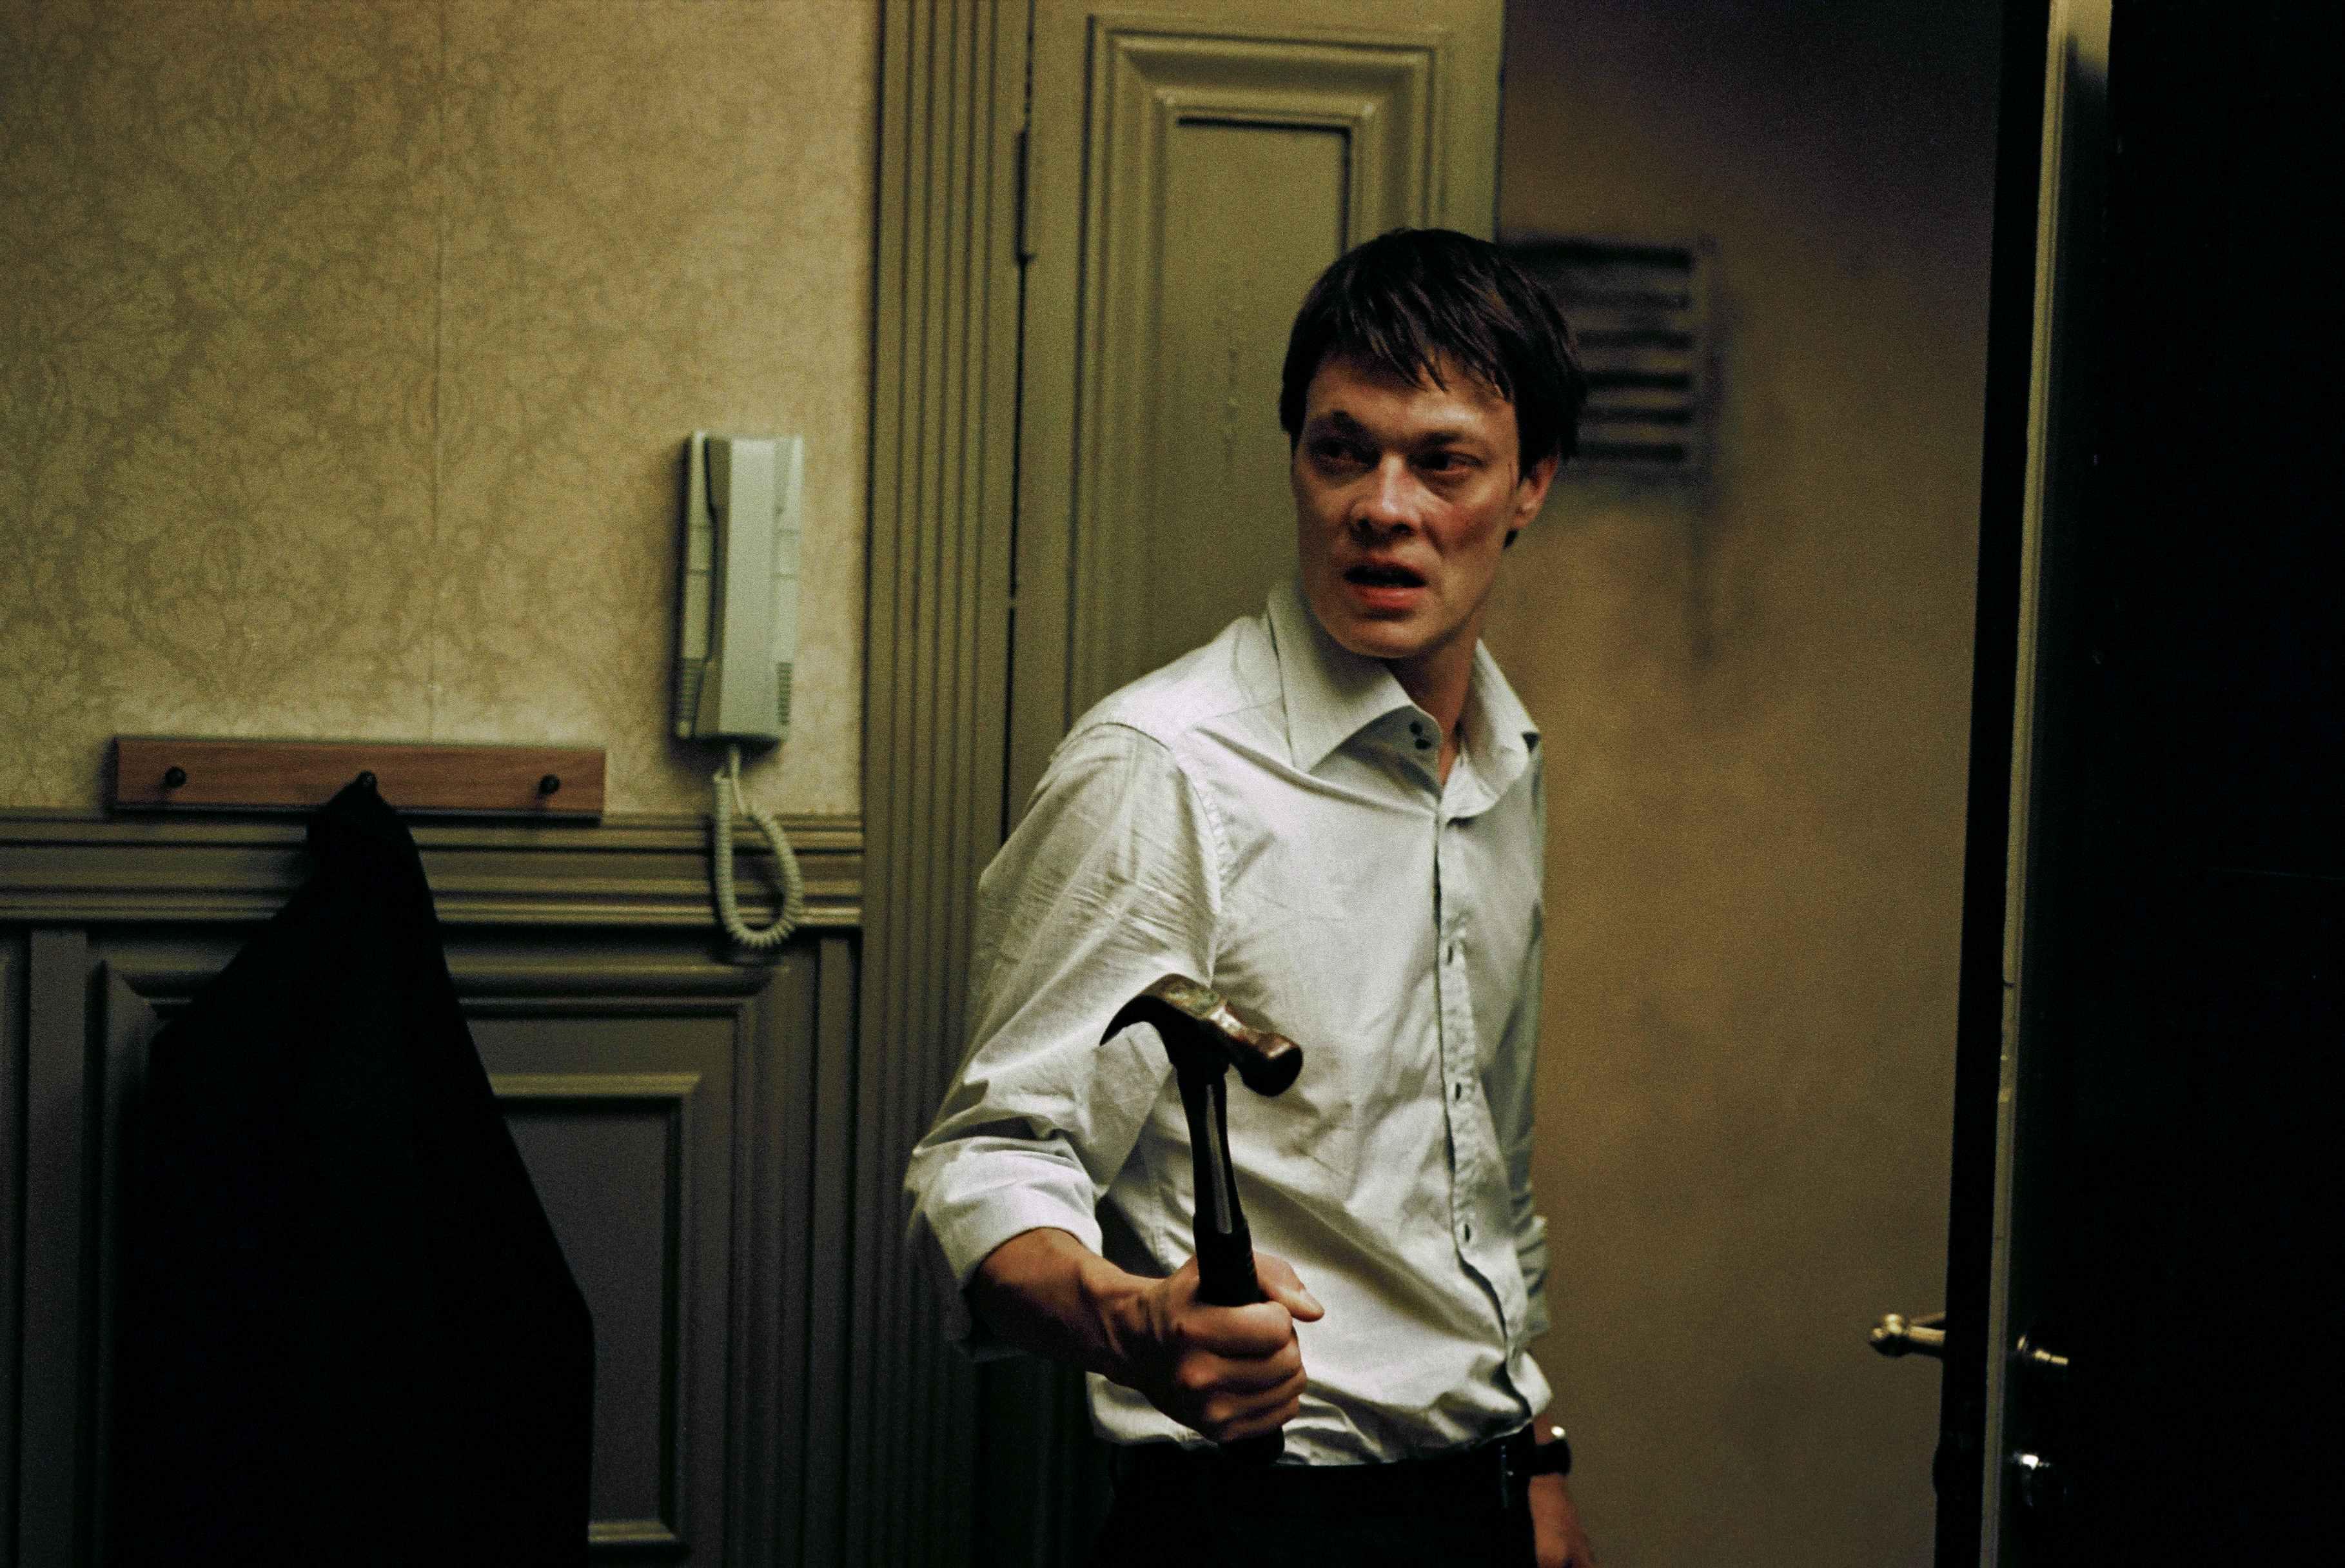 Kristoffer Joner in Next Door (2005)